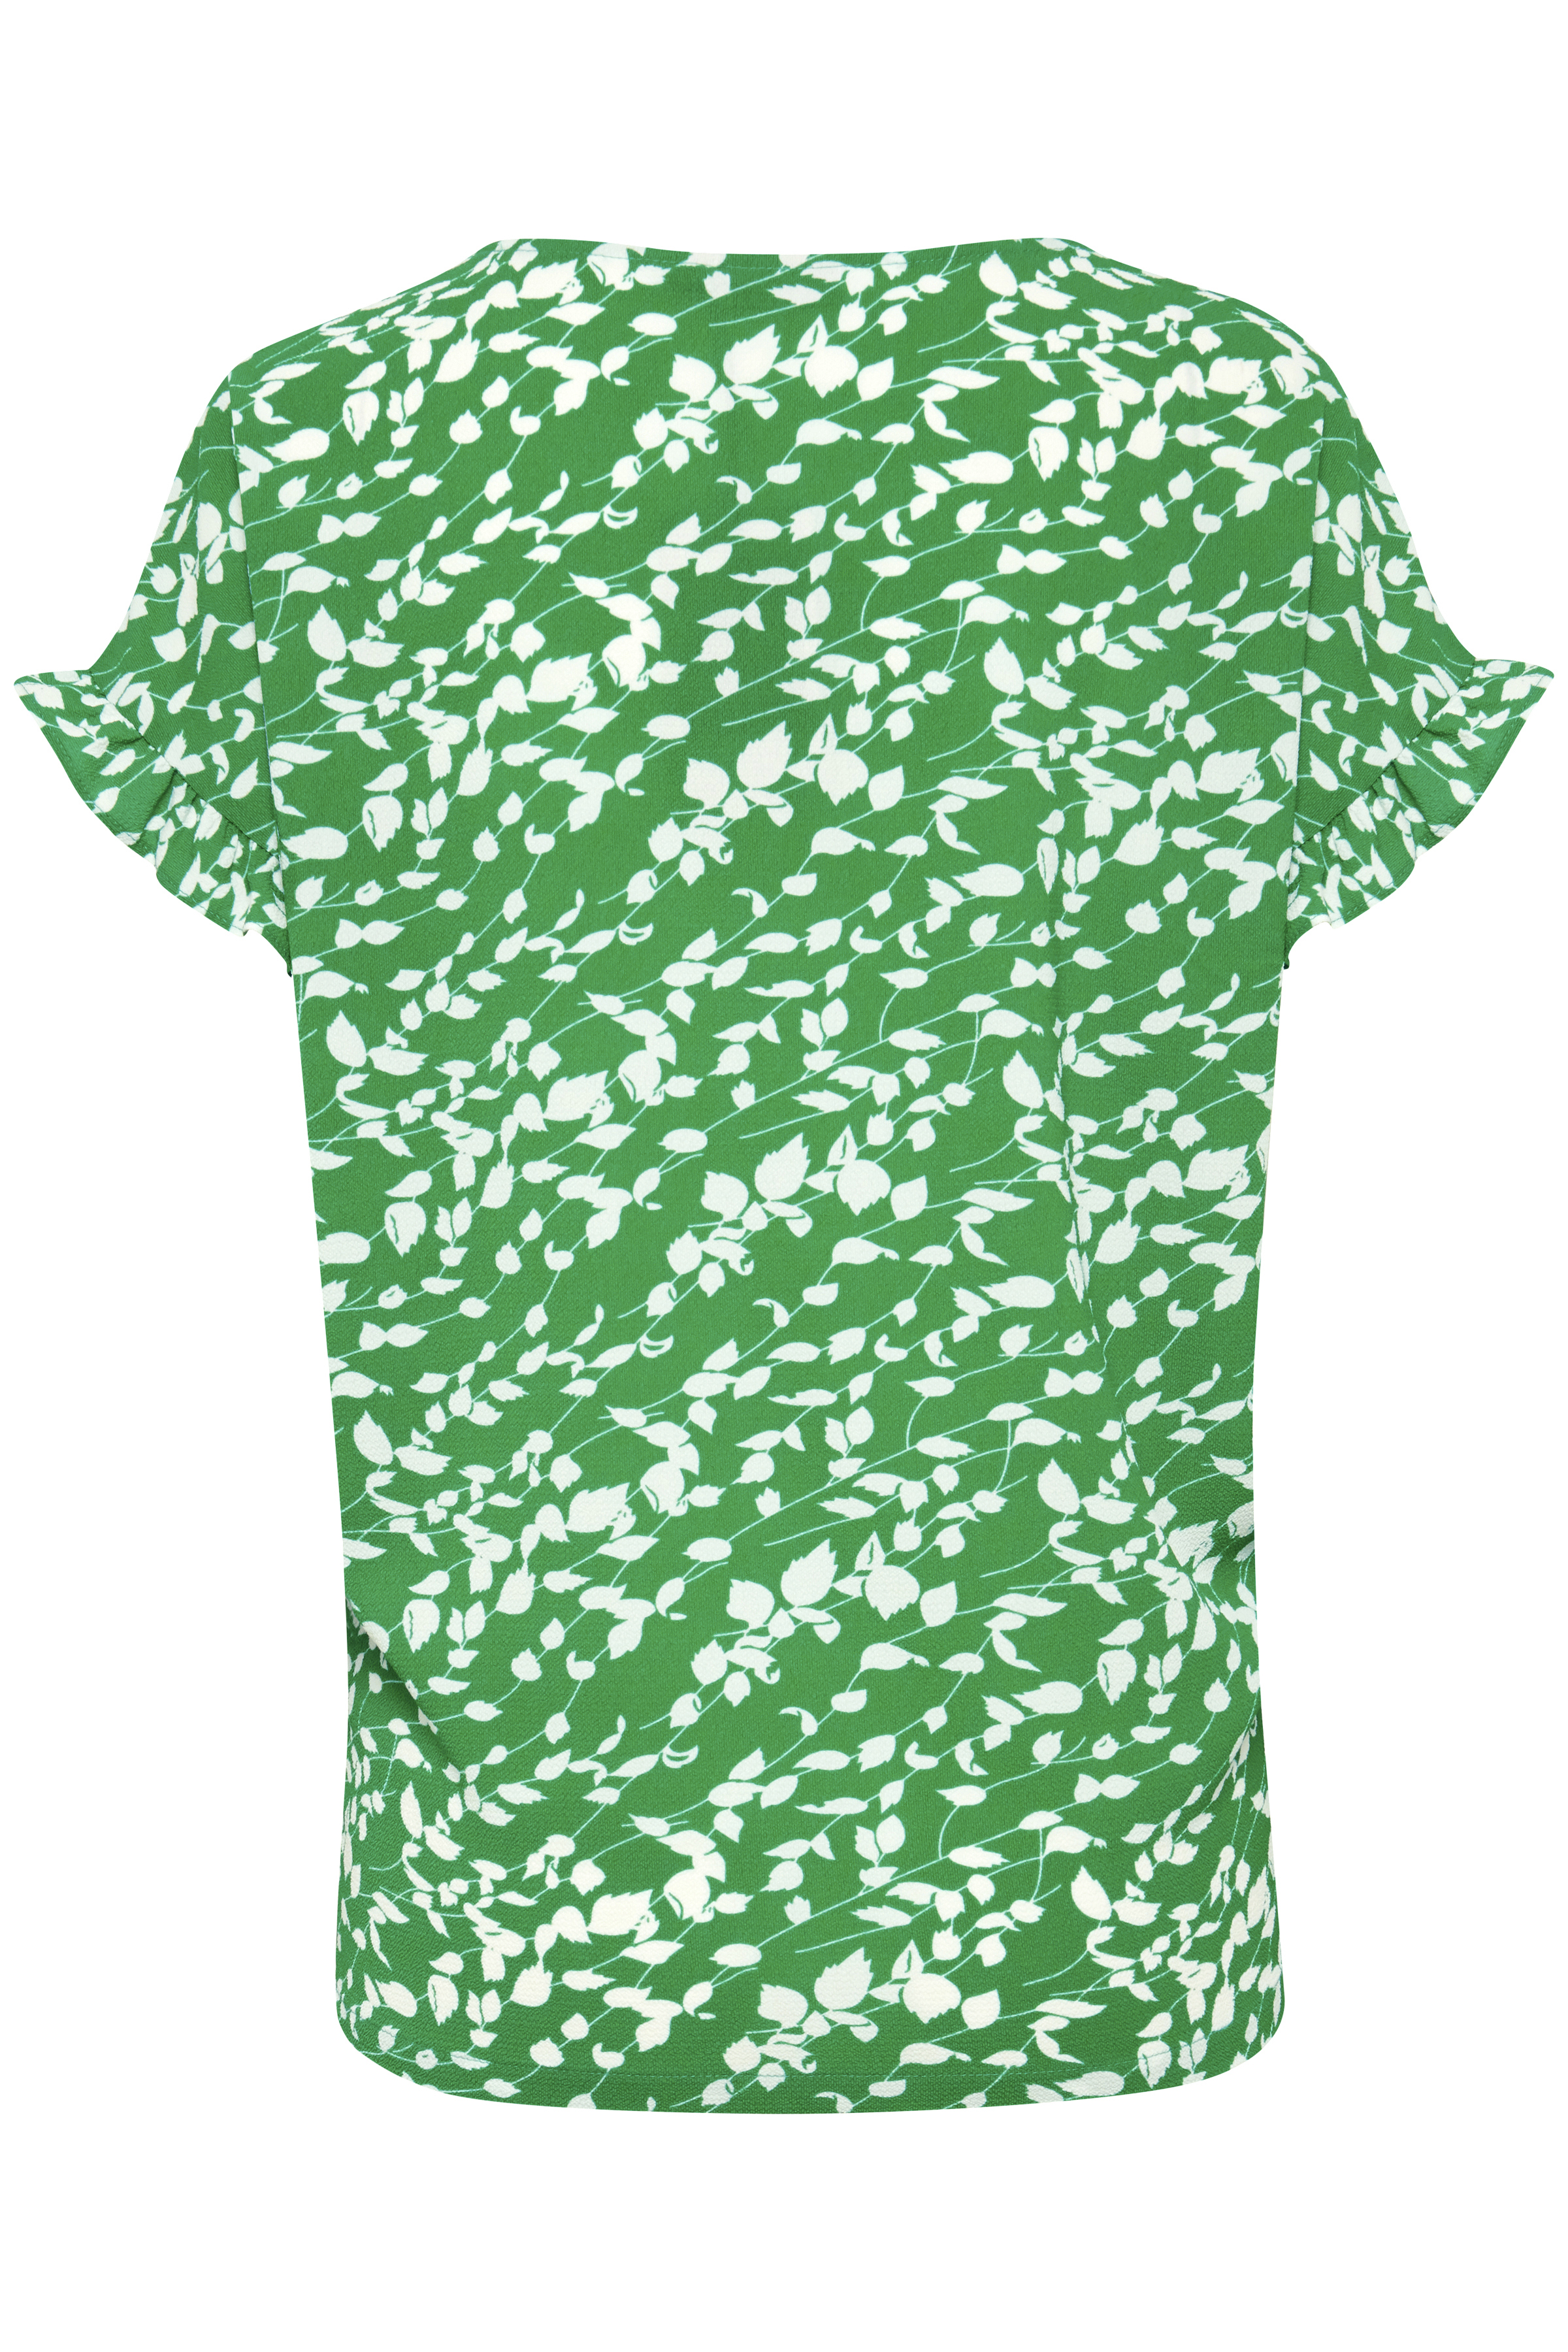 Grün/weiß Kurzarm-Bluse  von Fransa – Shoppen Sie Grün/weiß Kurzarm-Bluse  ab Gr. XS-XXL hier